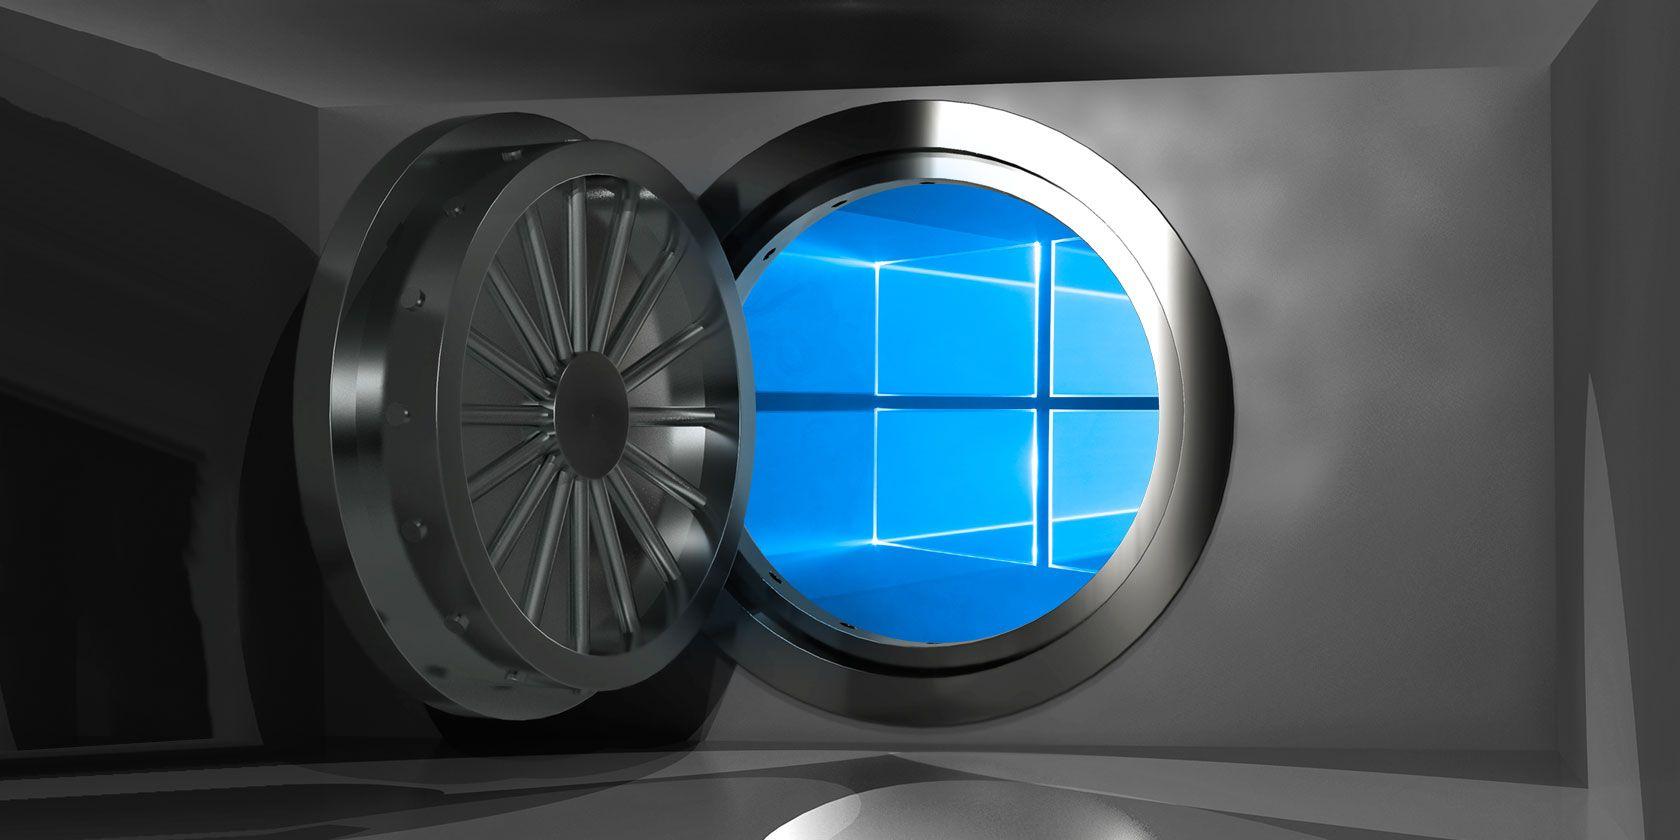 password-protect-windows-10